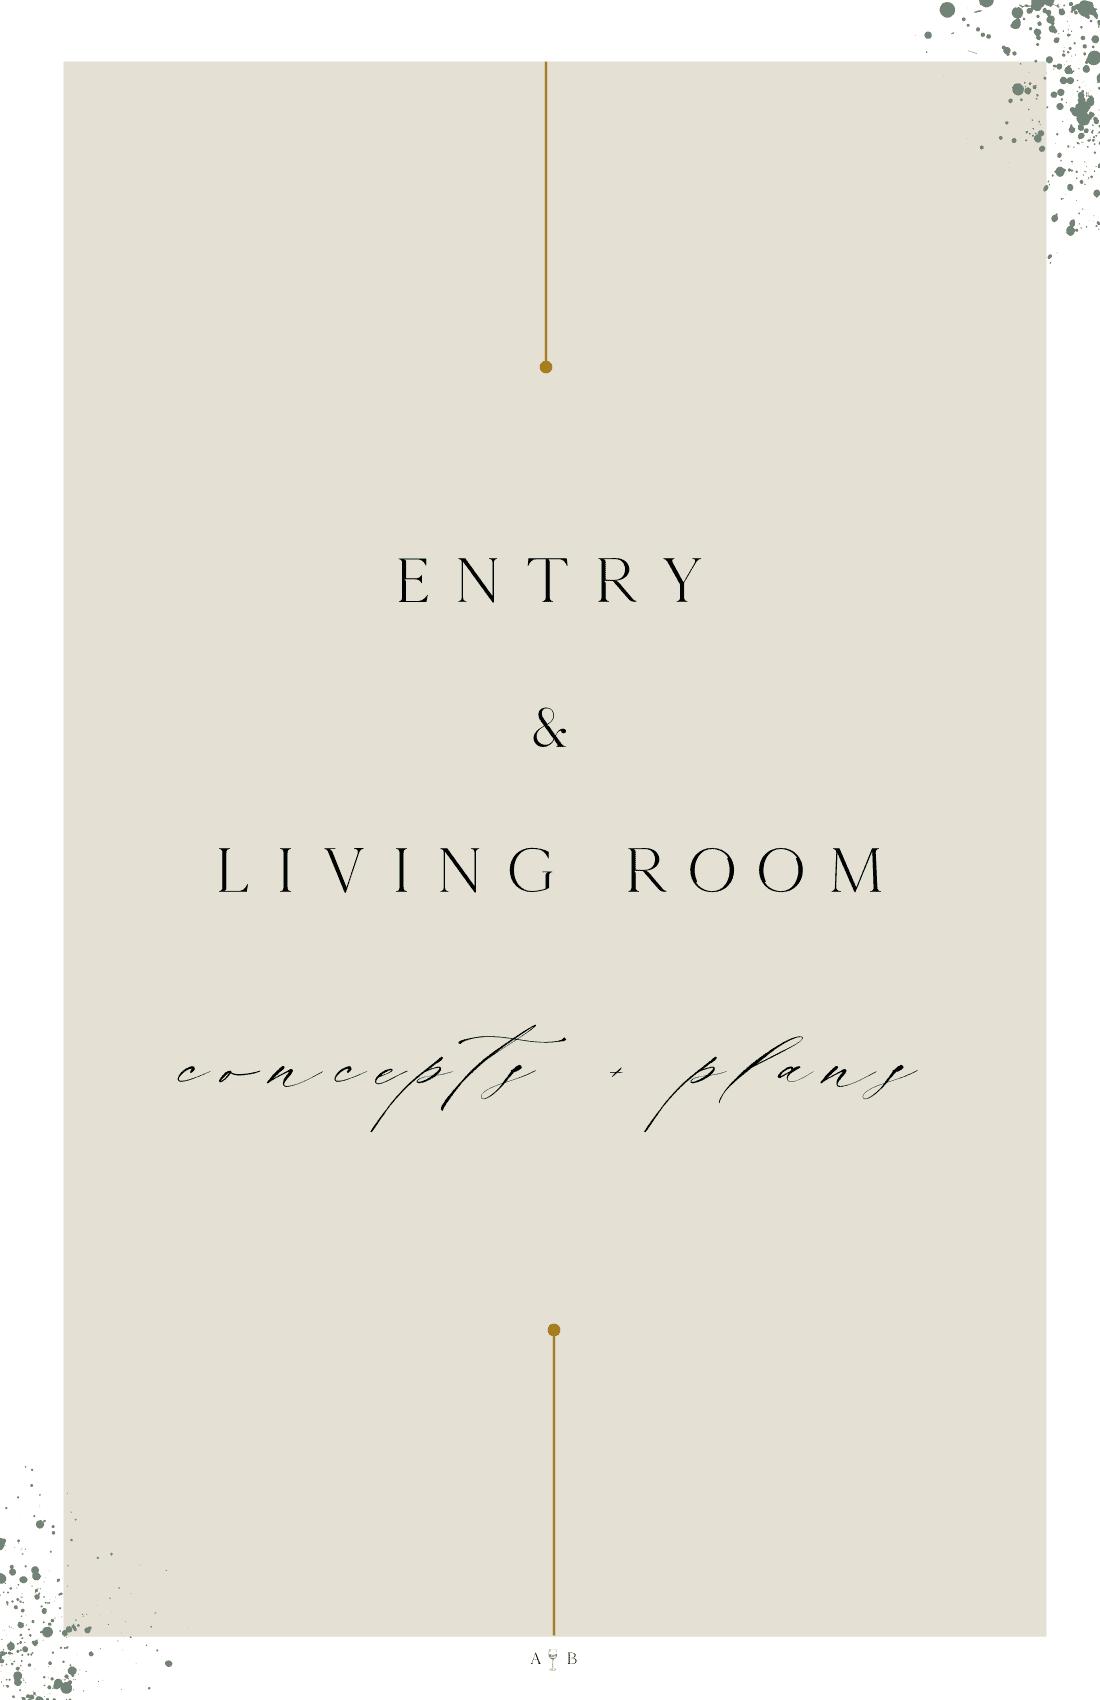 living-room-design-plans